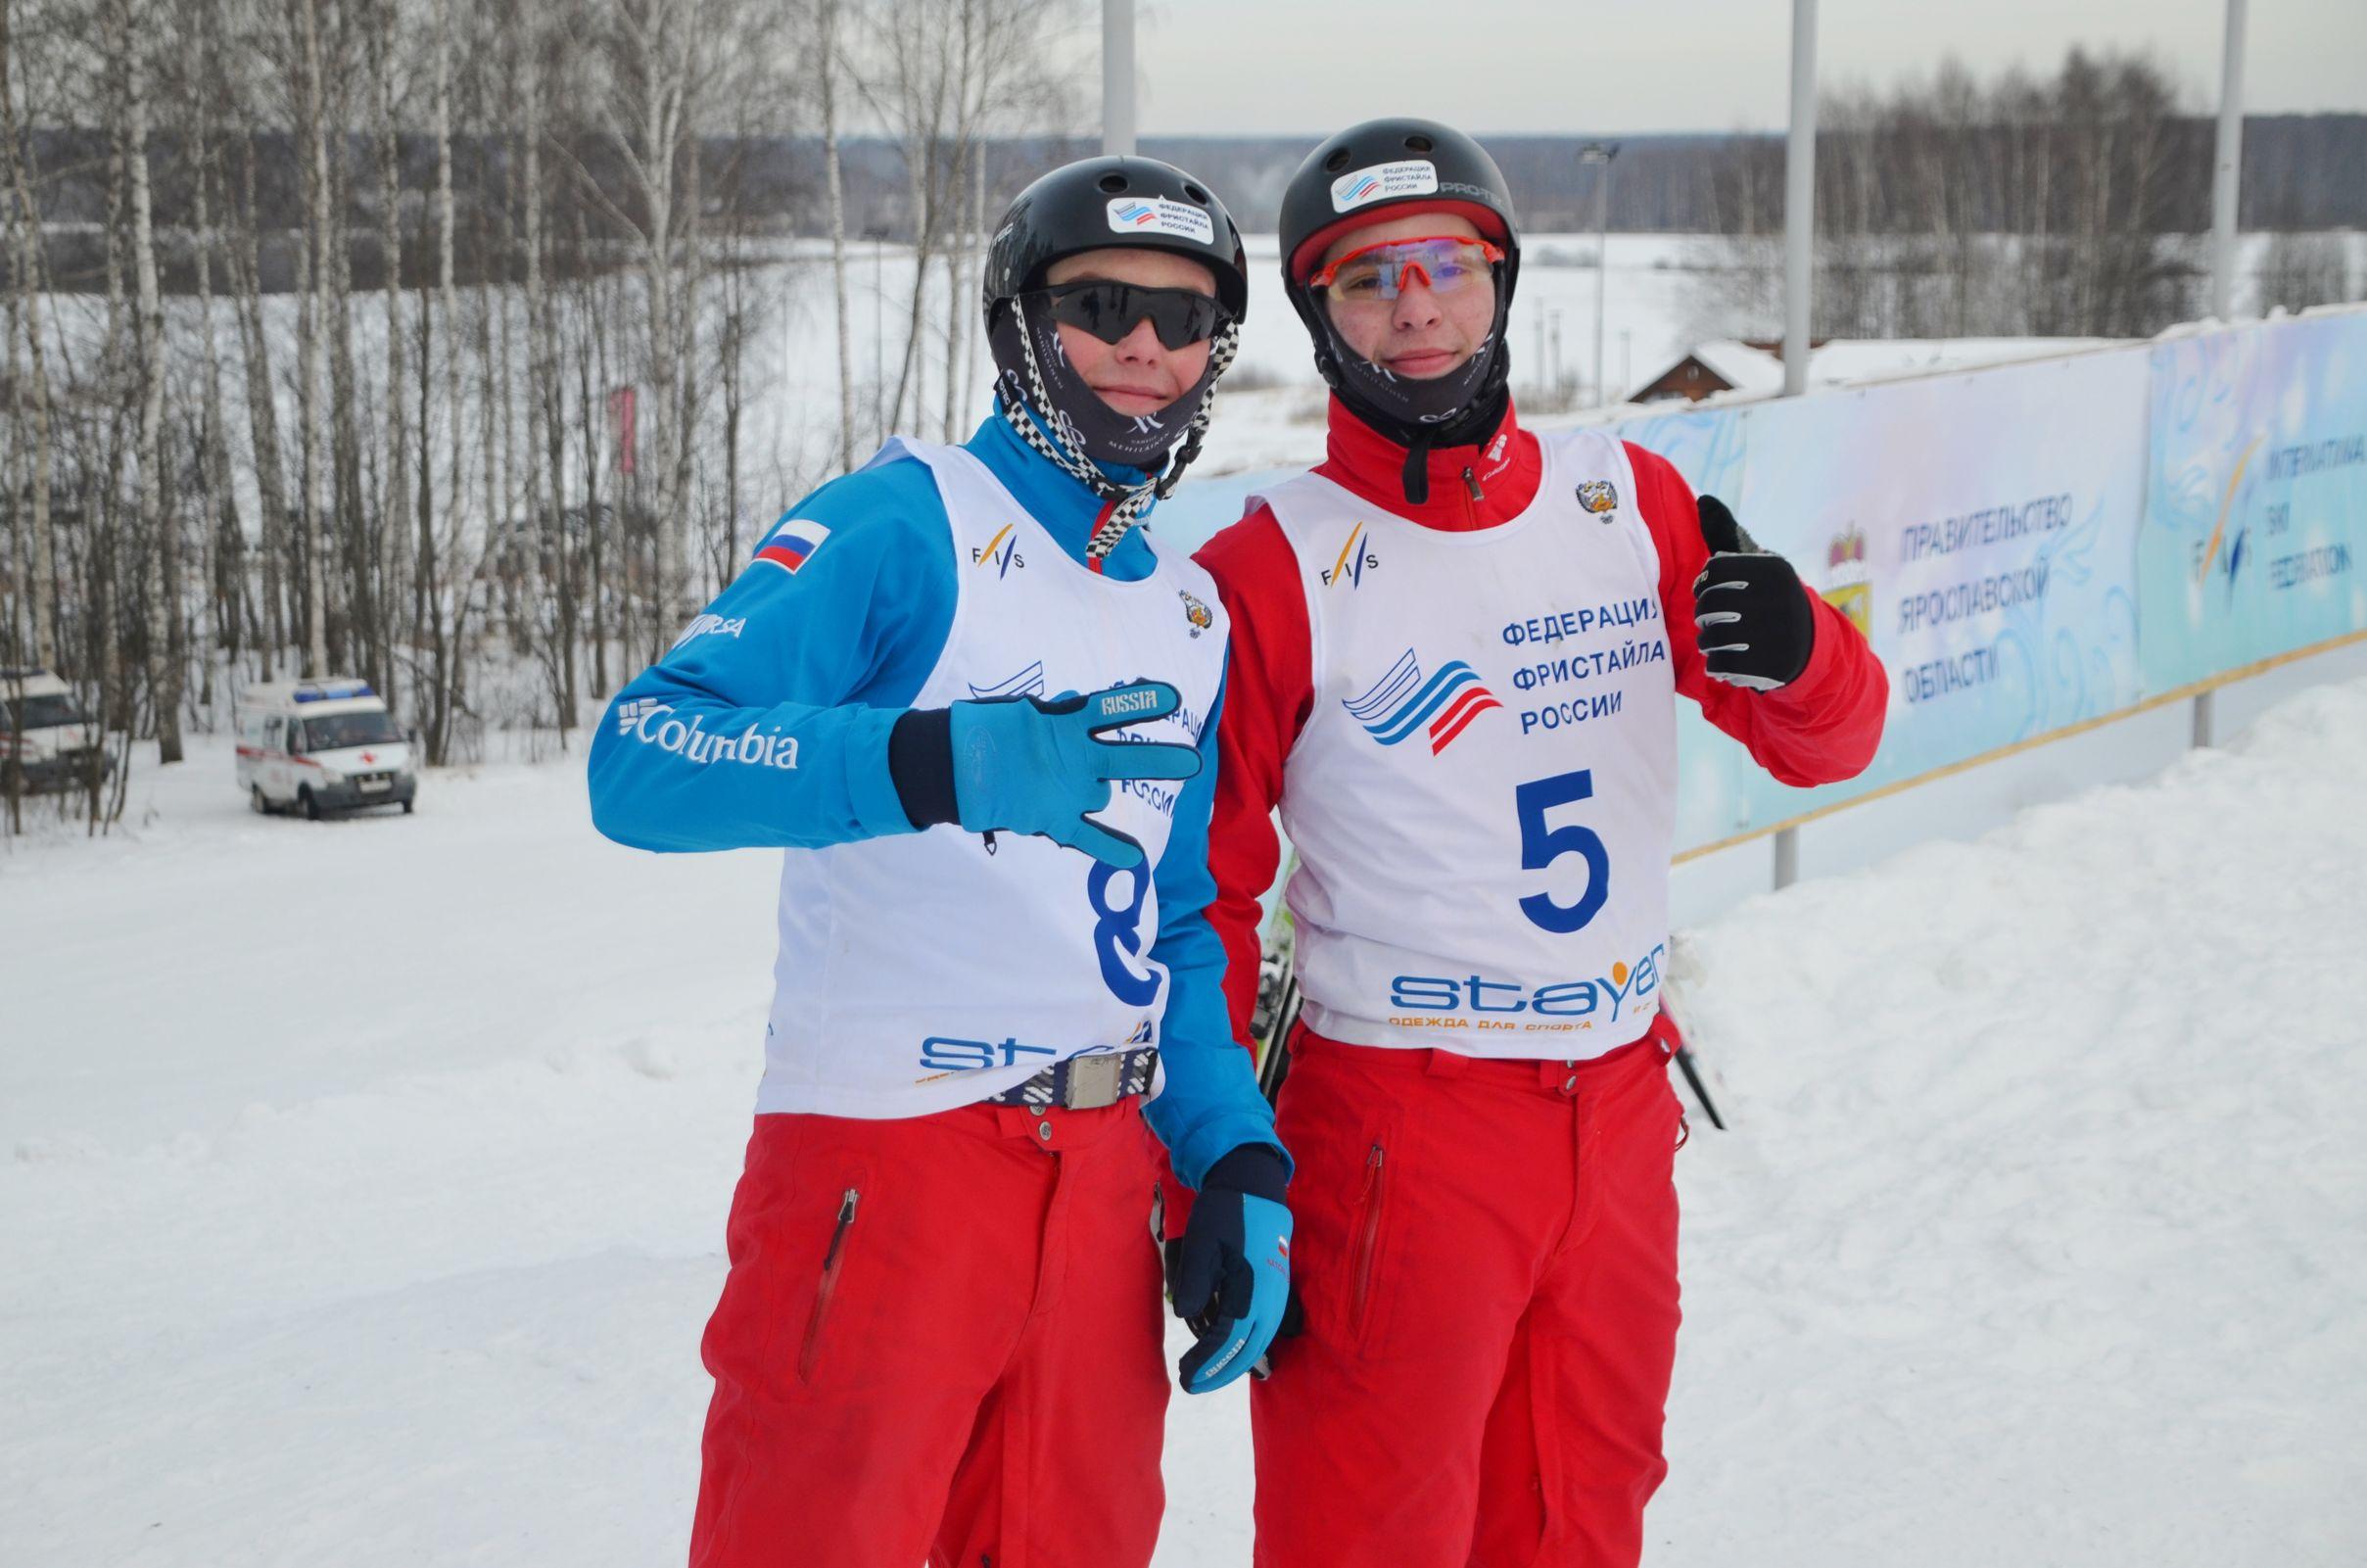 Ярославцы заняли первые места на очередном этапе Кубка России по фристайлу